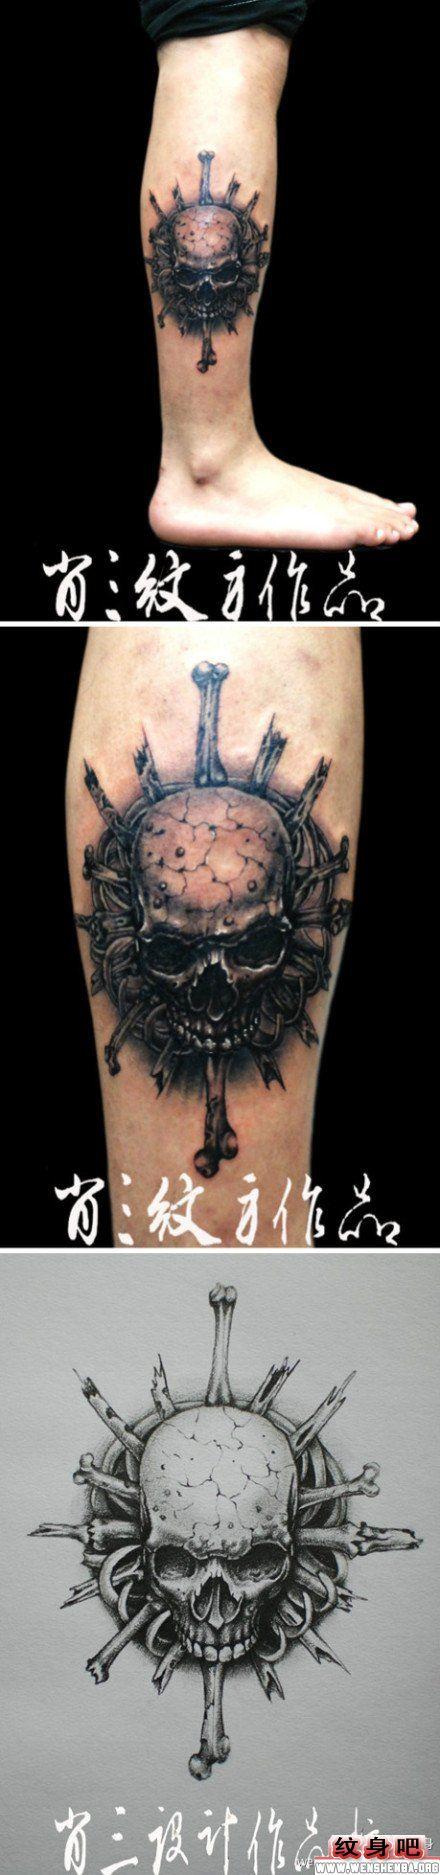 大腿死神骷髅纹身图案